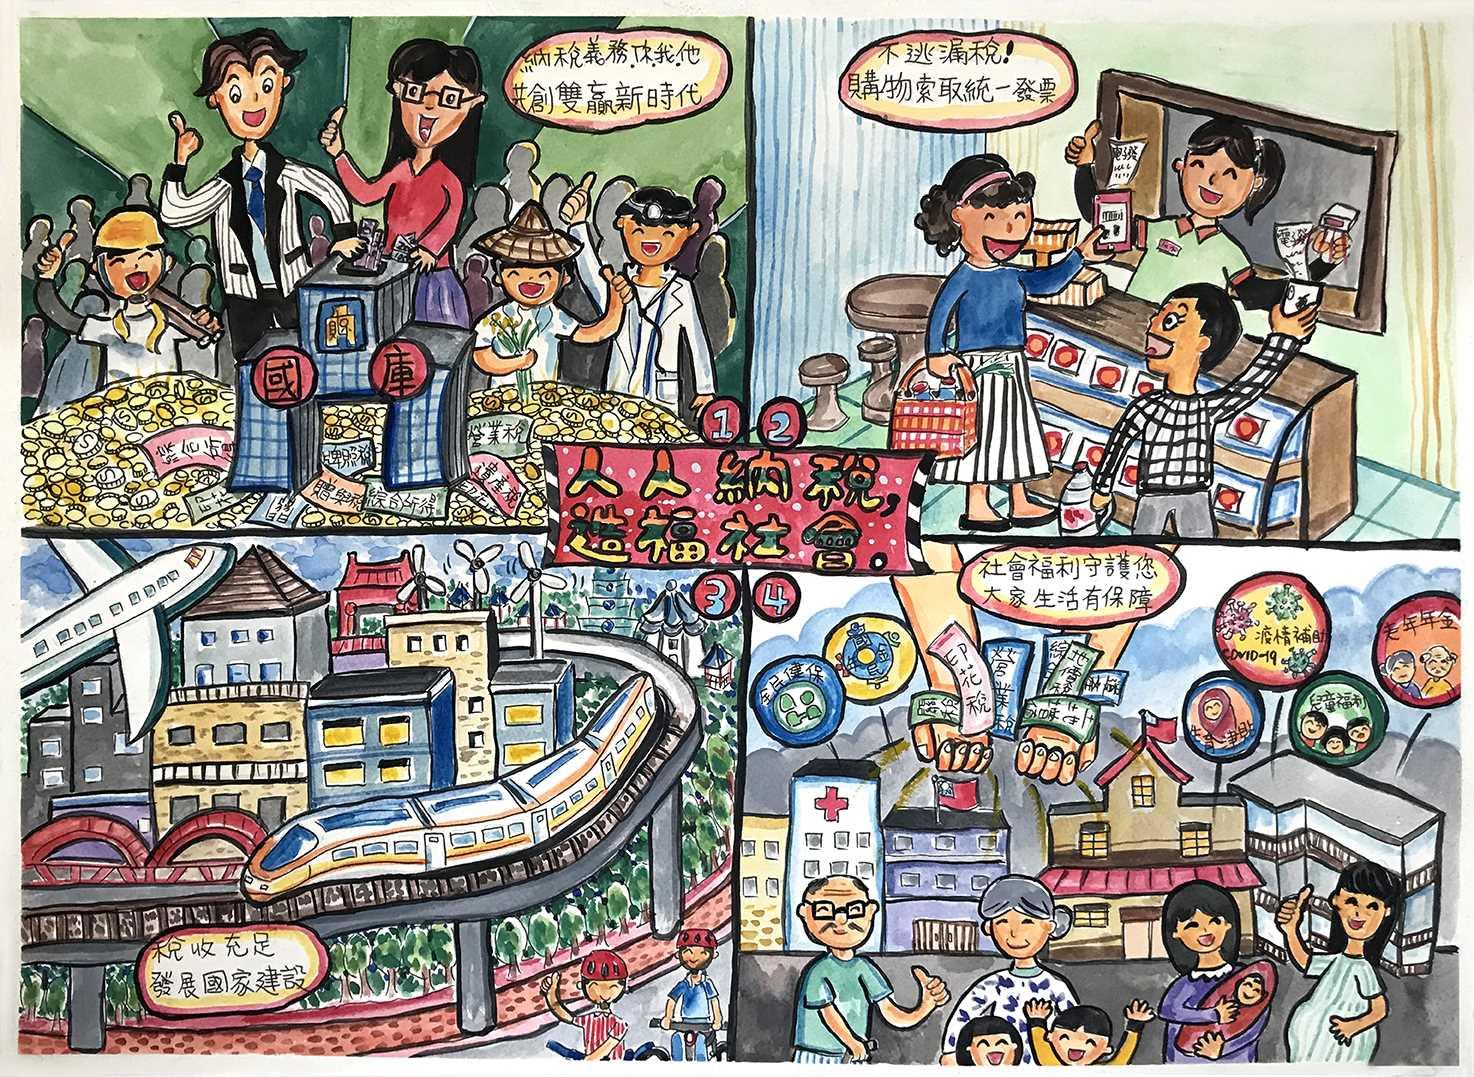 國小中低年級組第一名(山崎國小吳嘉勳)-人人納稅,造福社會-110年「竹縣漫漫稅」租稅創意漫畫比賽得獎作品